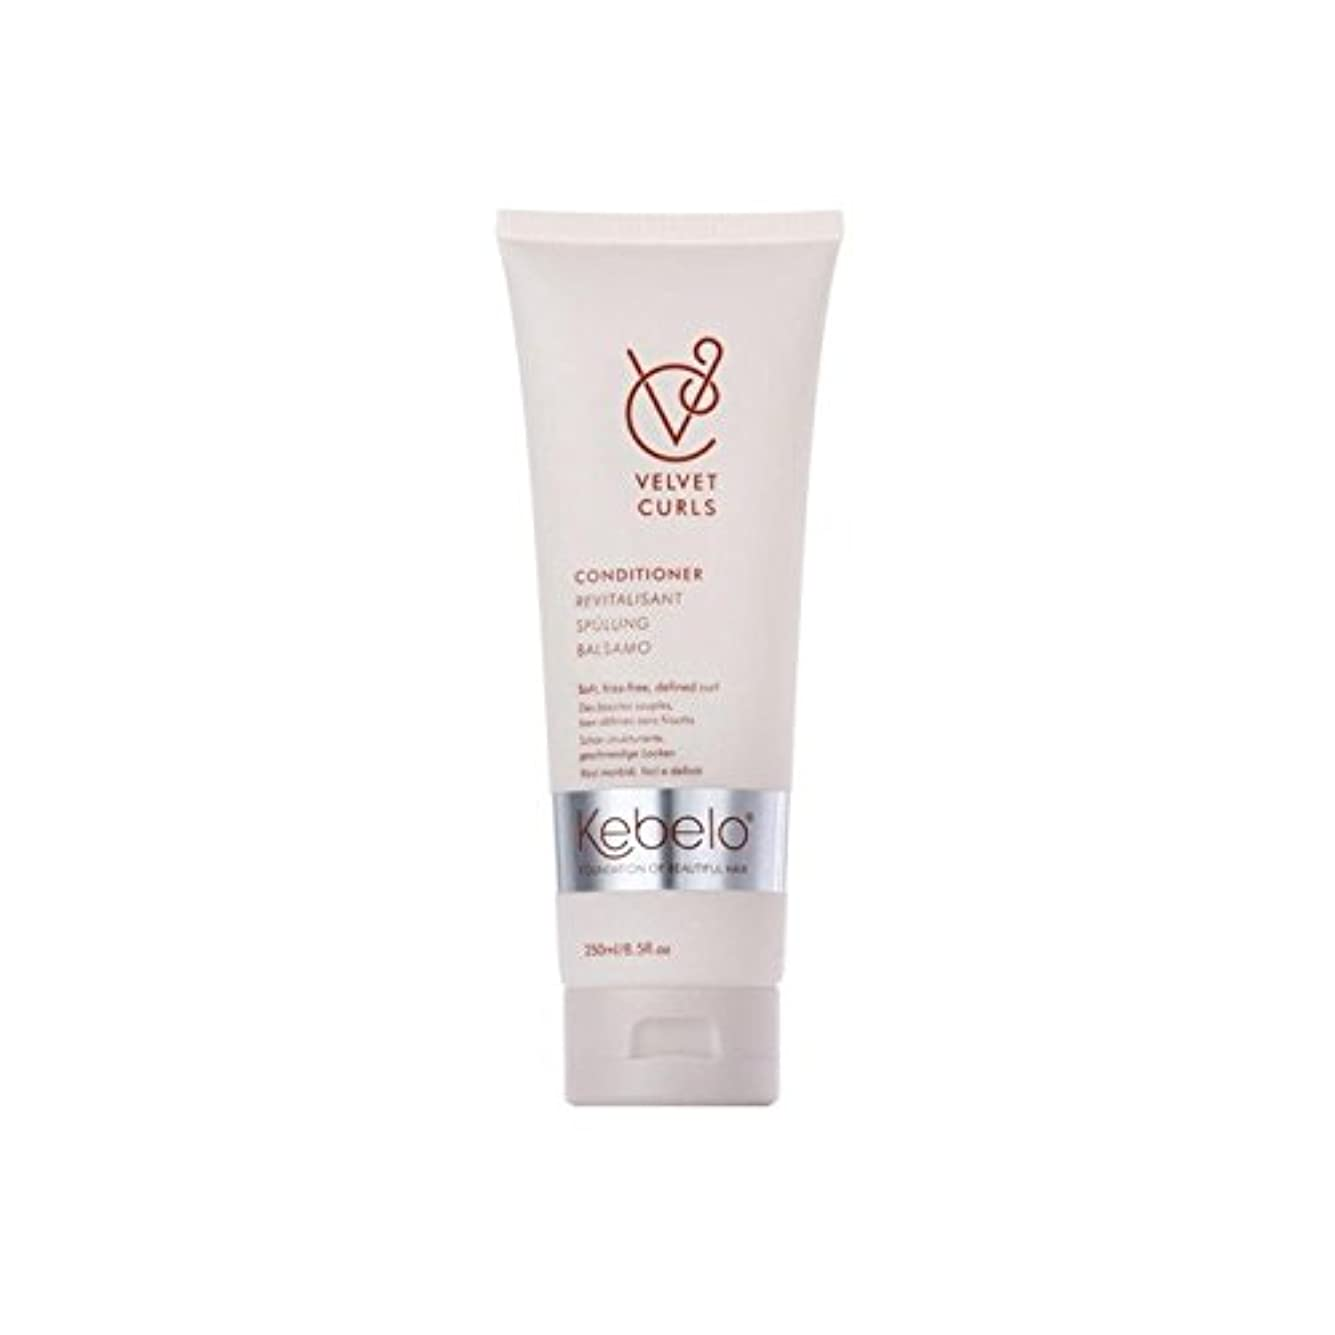 現代のママ答えKebelo Velvet Curls Conditioner (250ml) (Pack of 6) - ベルベットのカールコンディショナー(250ミリリットル) x6 [並行輸入品]